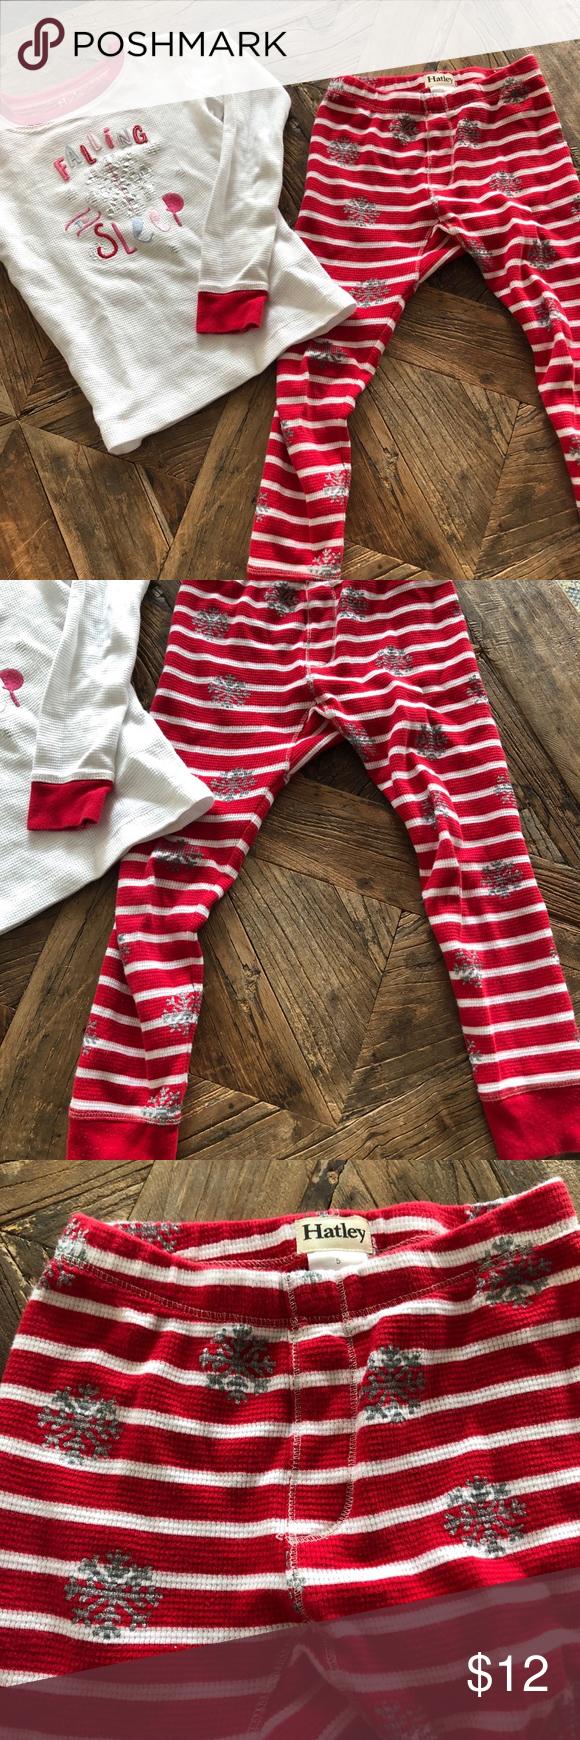 Hatley winter/holiday pj's Hatley, Pajama set, Hatley